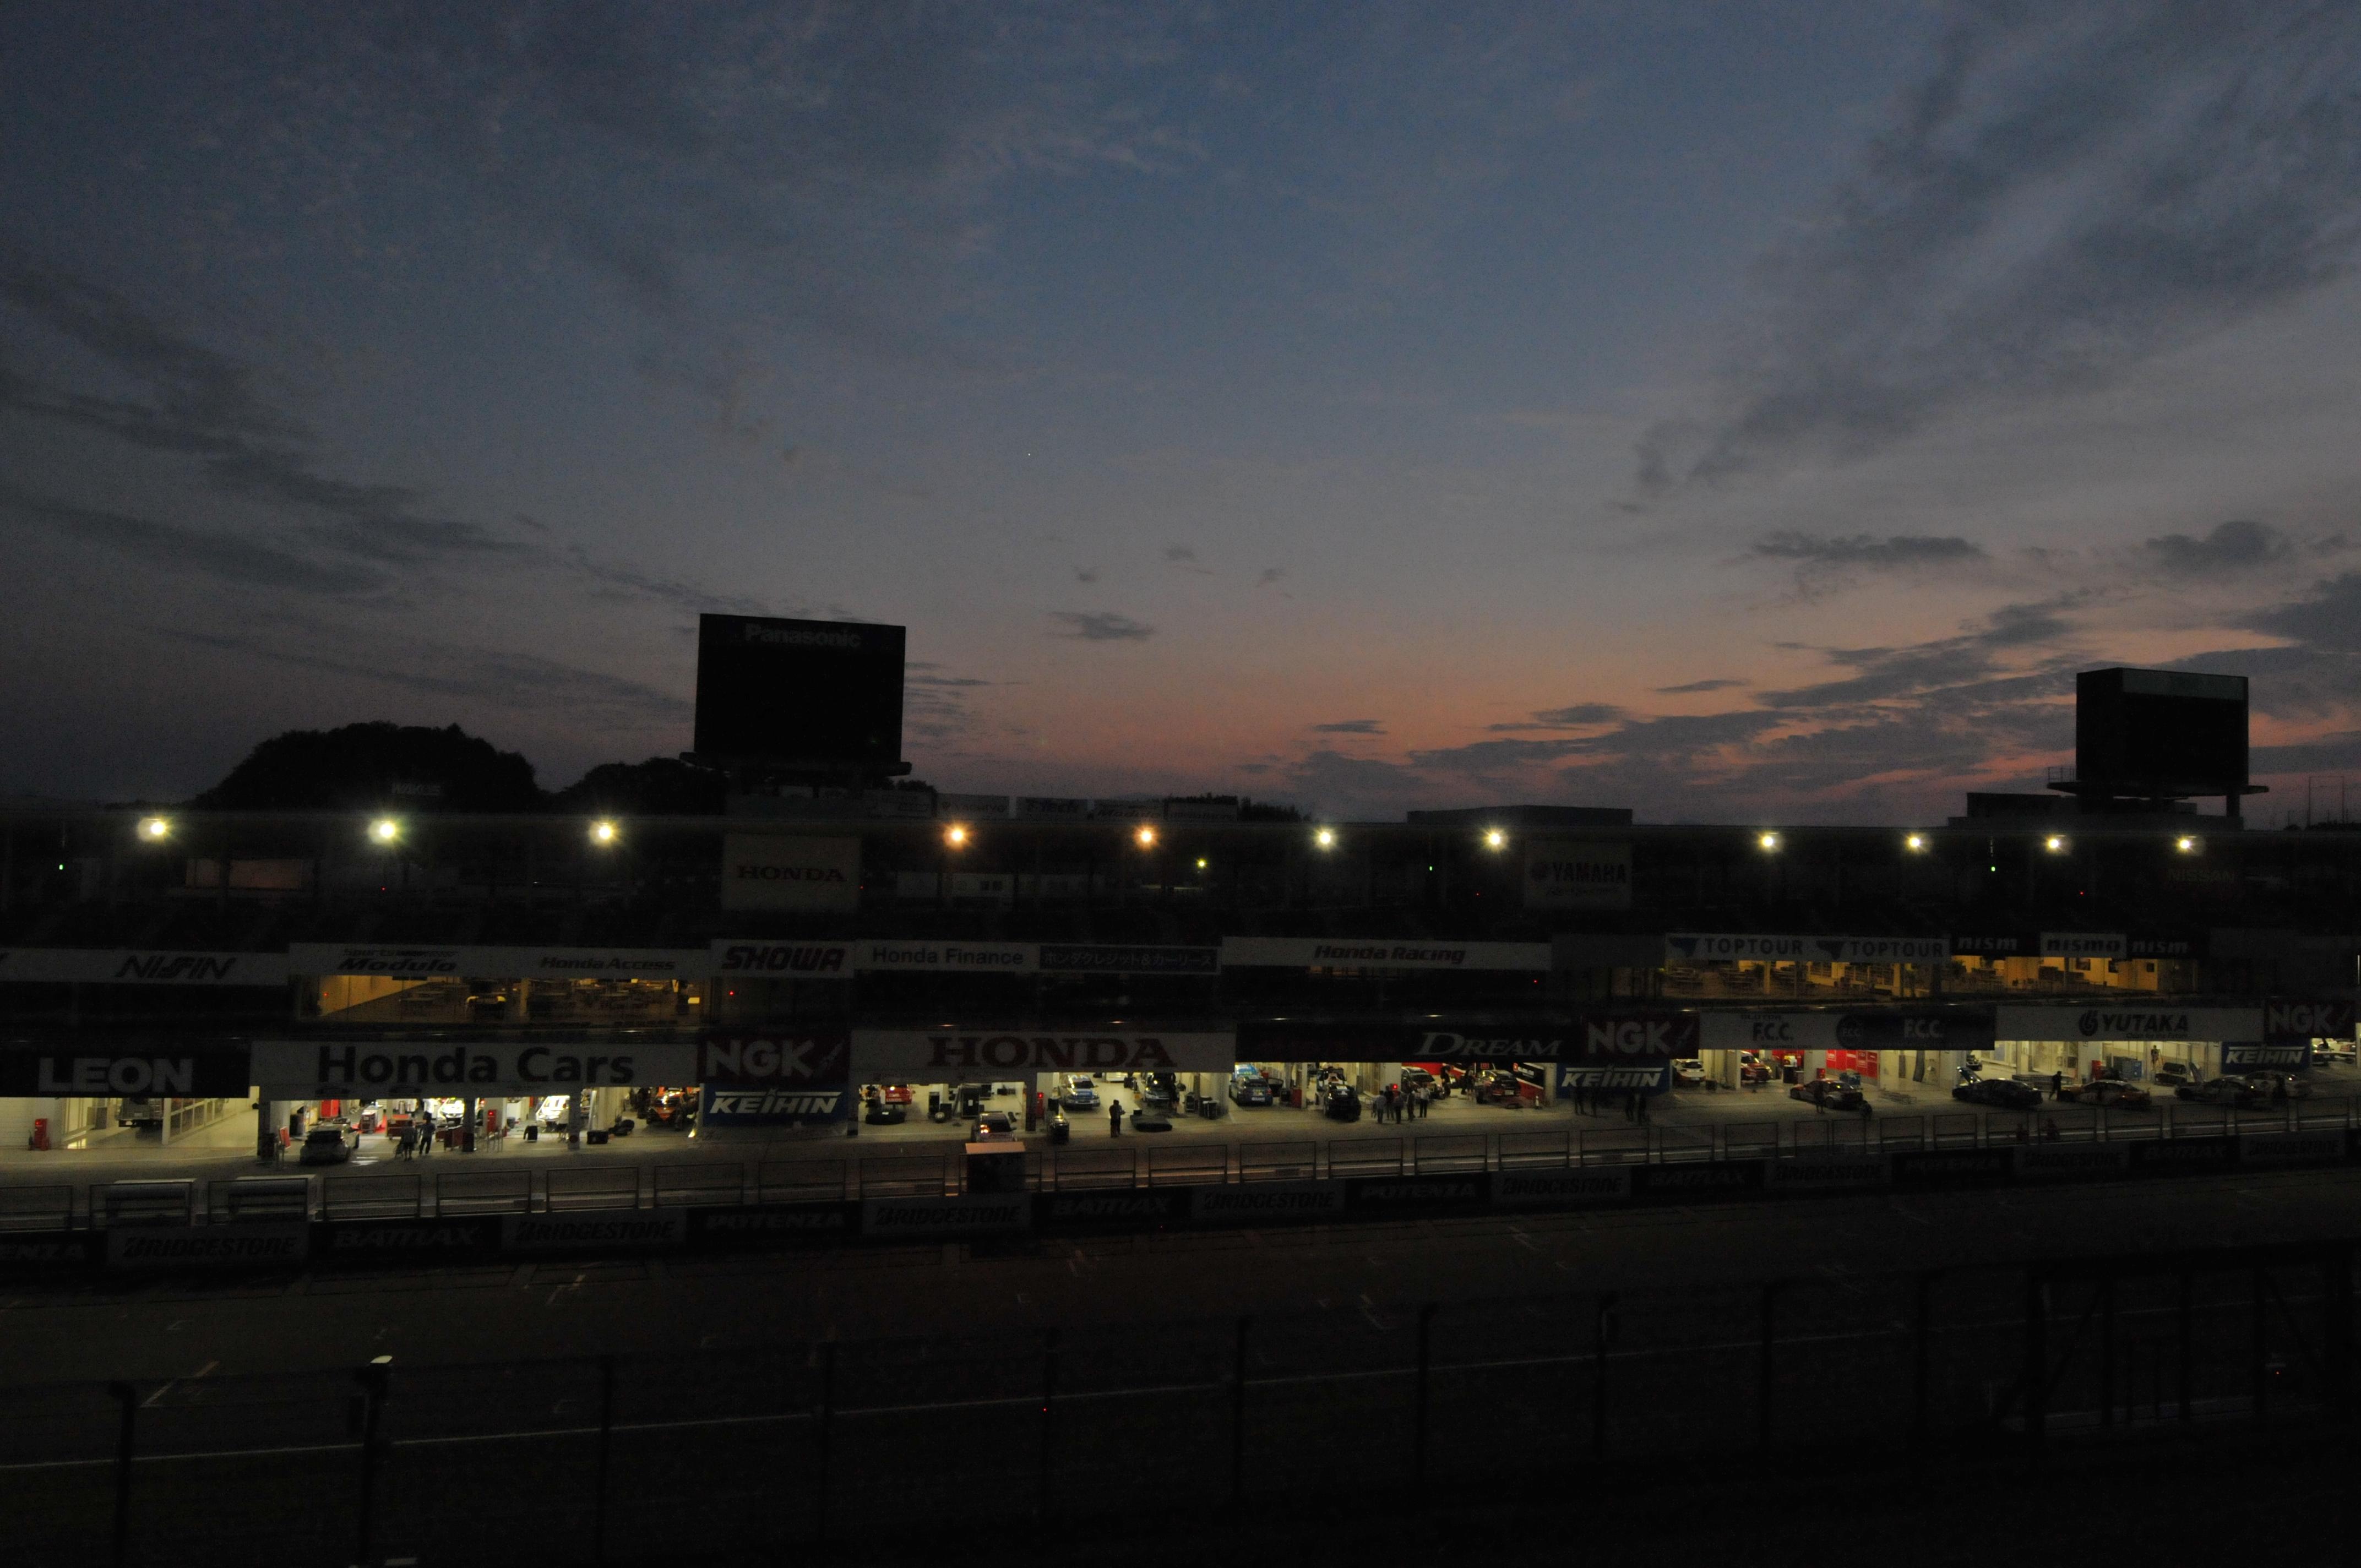 ヤルノさん 「夜遅くまで」レースが終わって夜遅くまで作業する皆さんお疲れさまです。